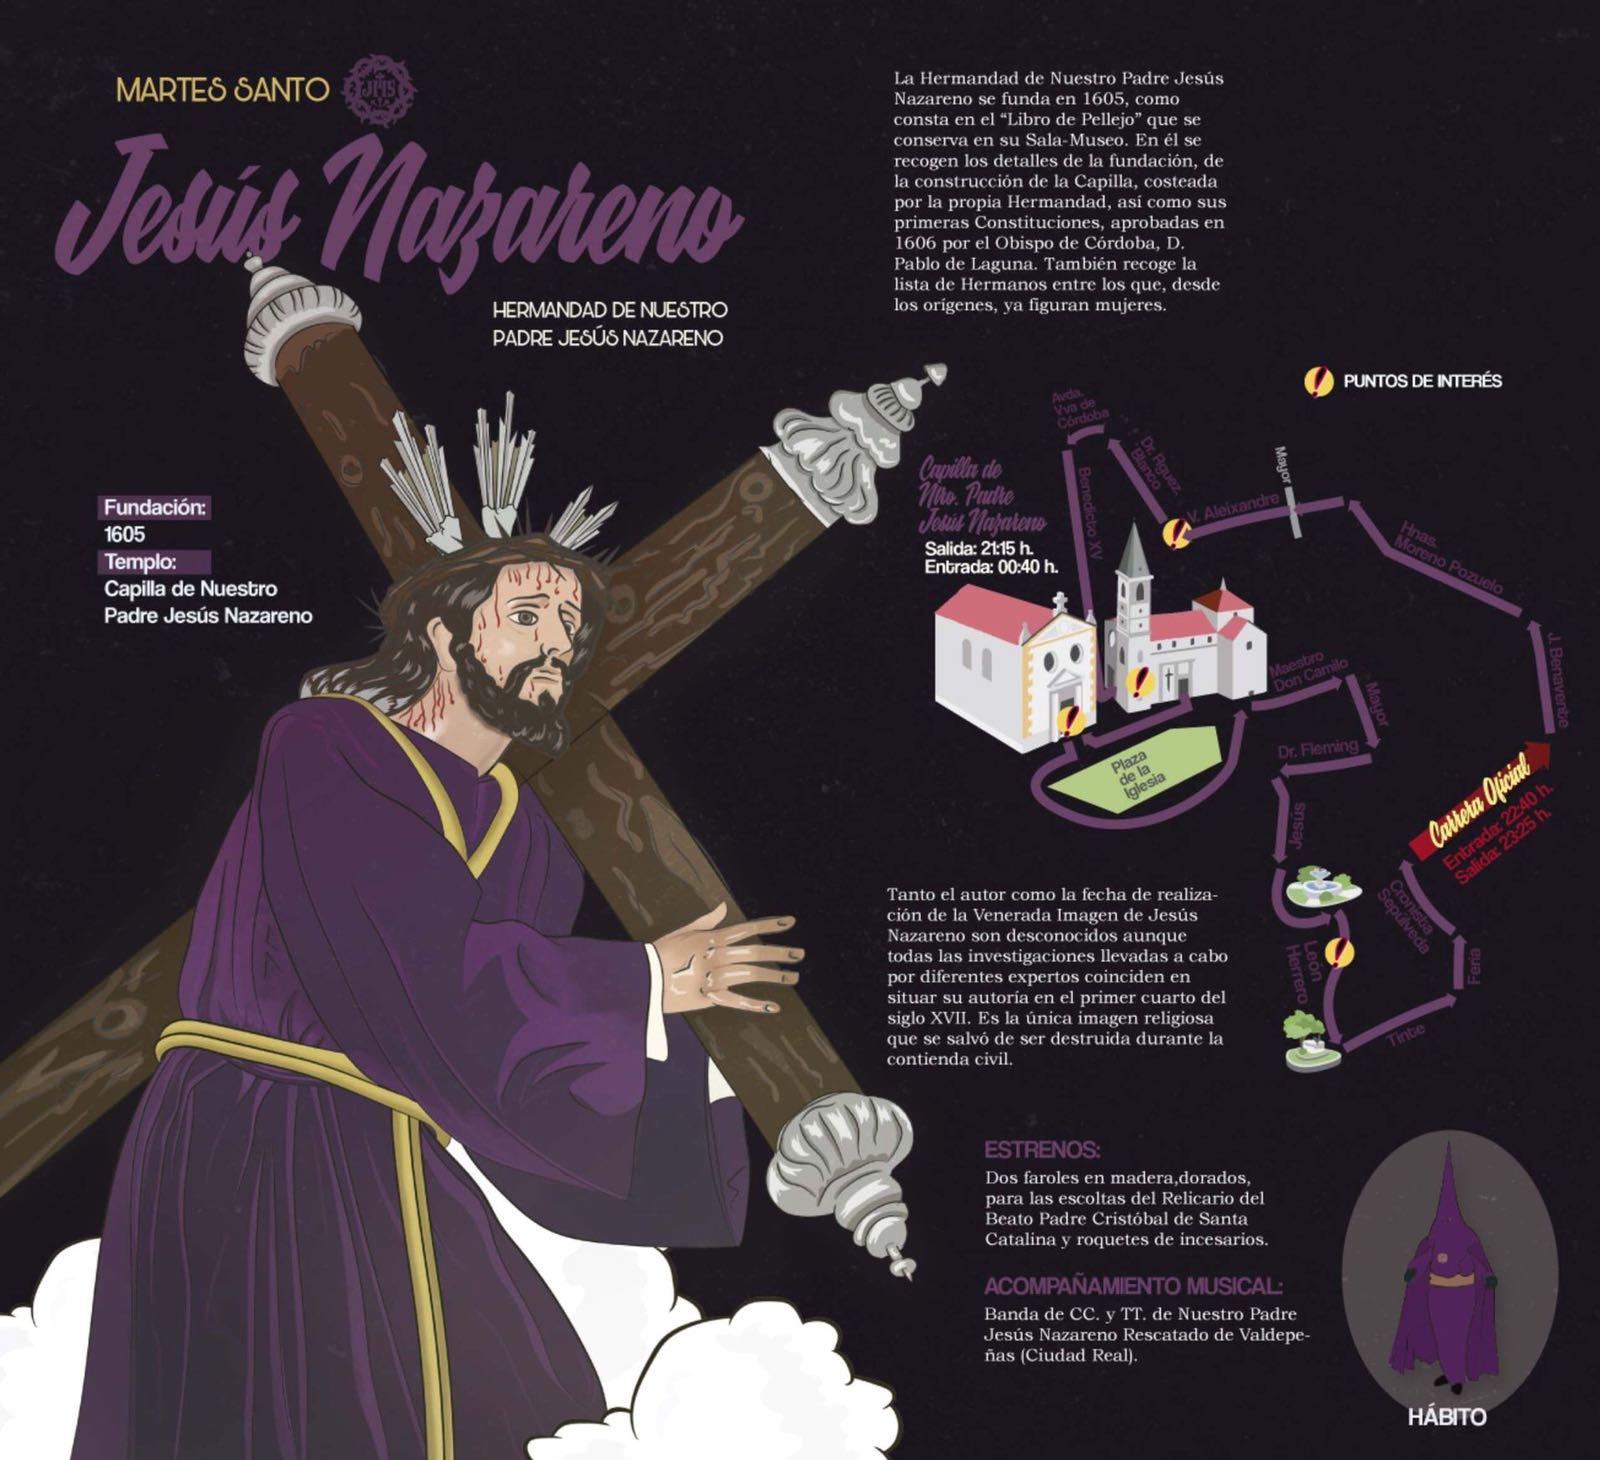 Martes Santo - Jesús Nazareno